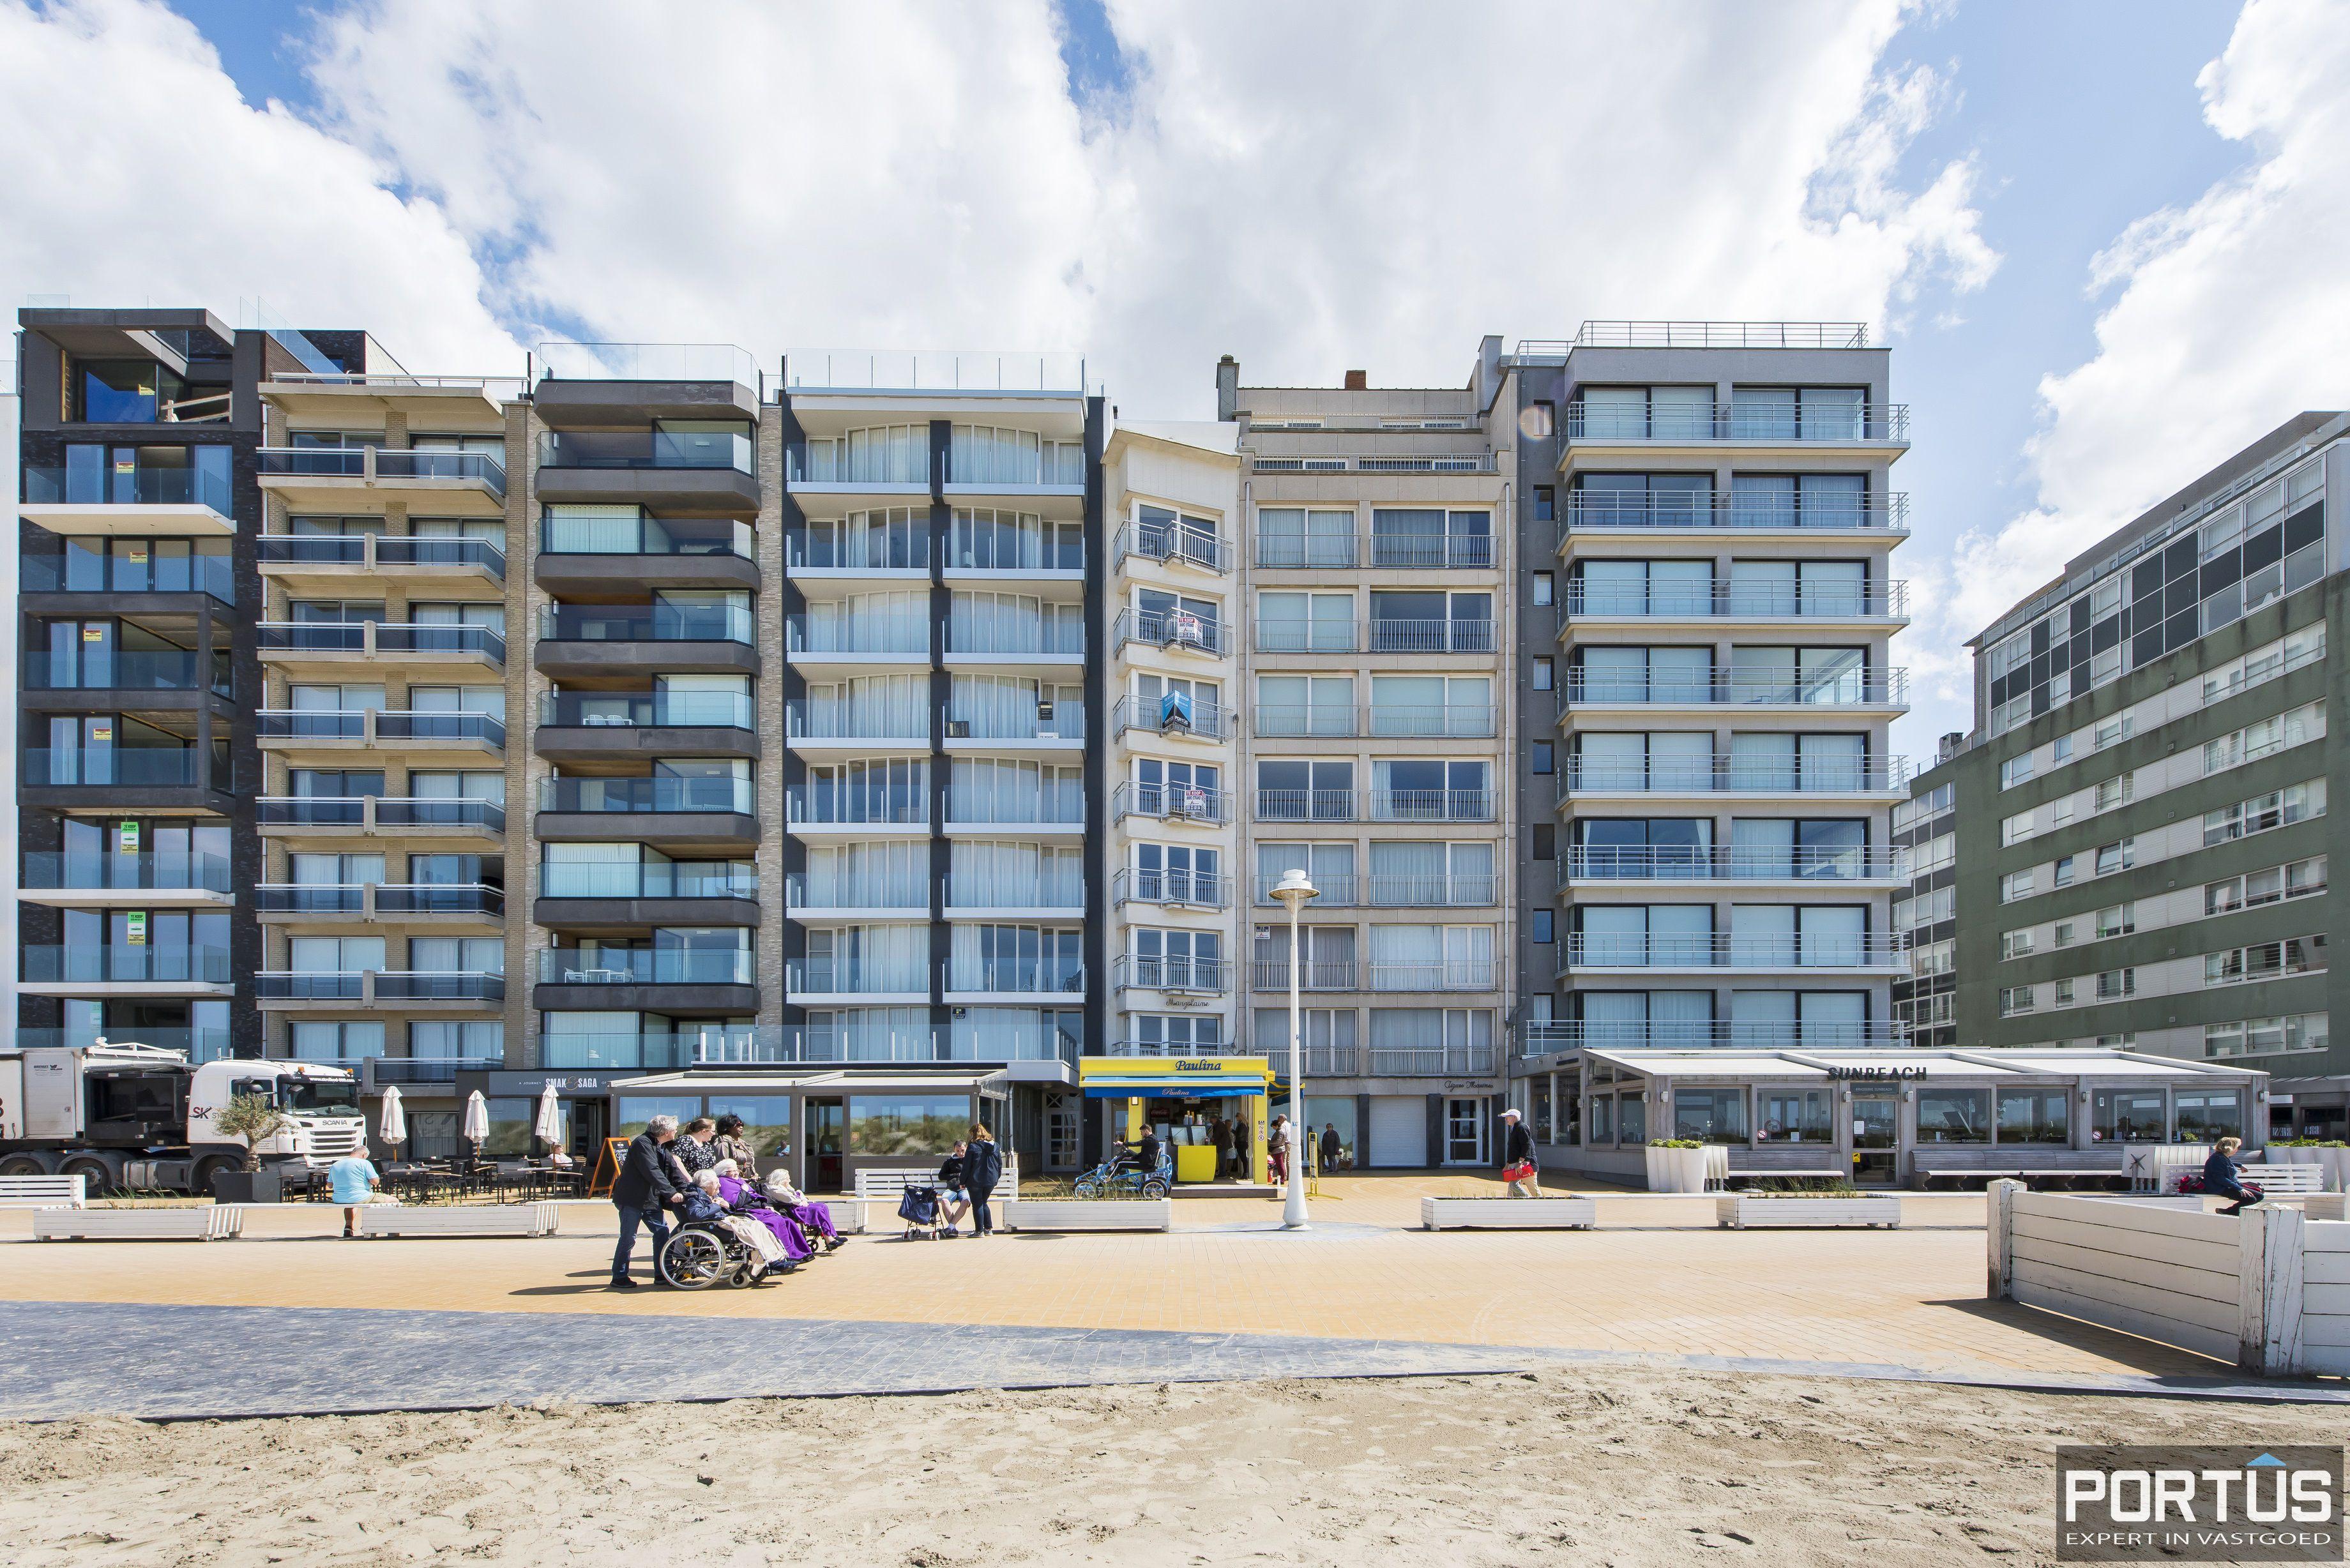 Appartement met 2 slaapkamers en frontaal zeezicht te koop Nieuwpoort - 9784